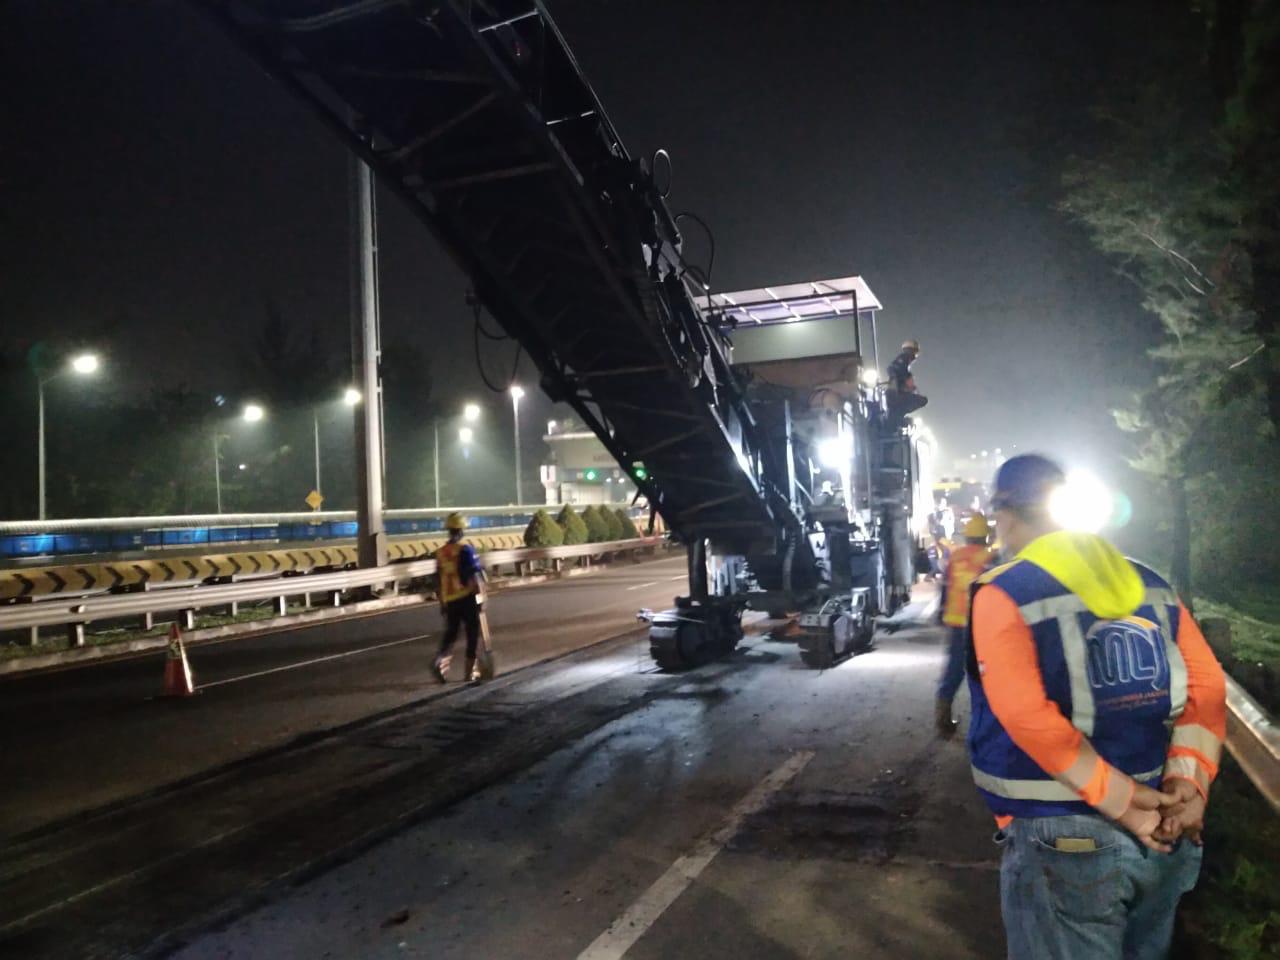 Press Release: Tingkatkan Kualitas Jalan, MLJ Lakukan Pekerjaan Pemeliharaan Periodik dan Rekonstruksi Jalan